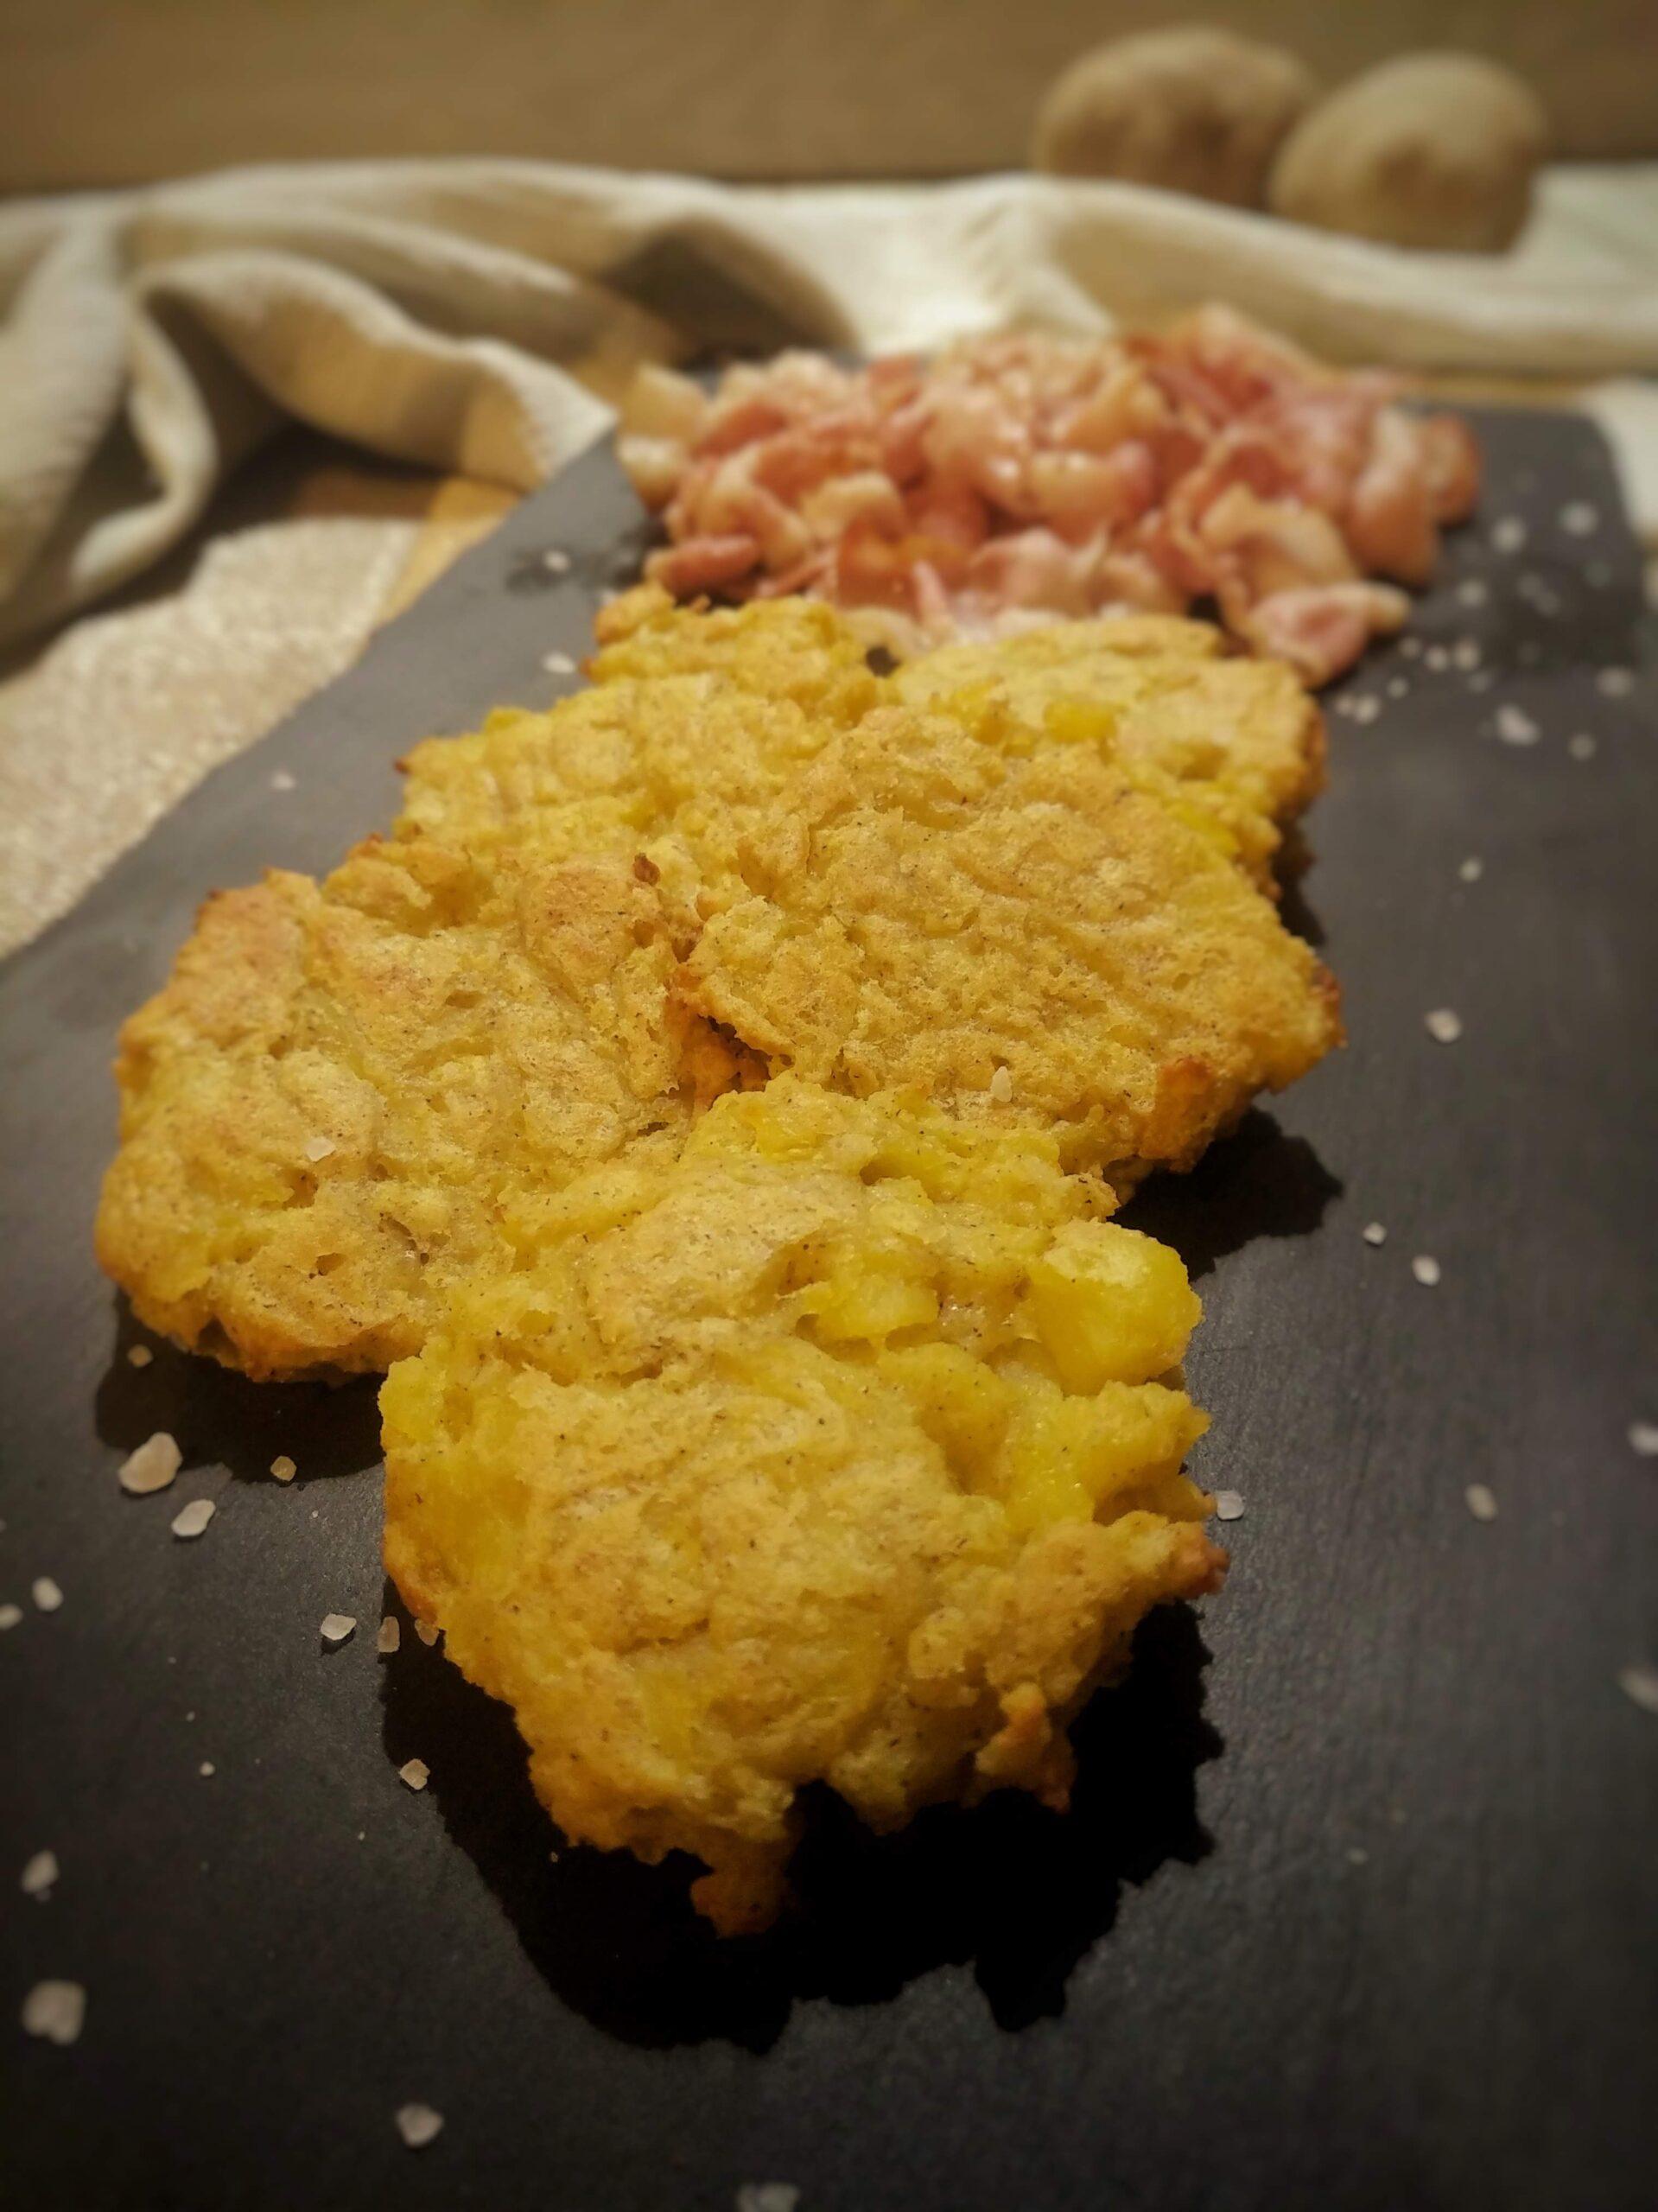 Tattie scones (Scozia)